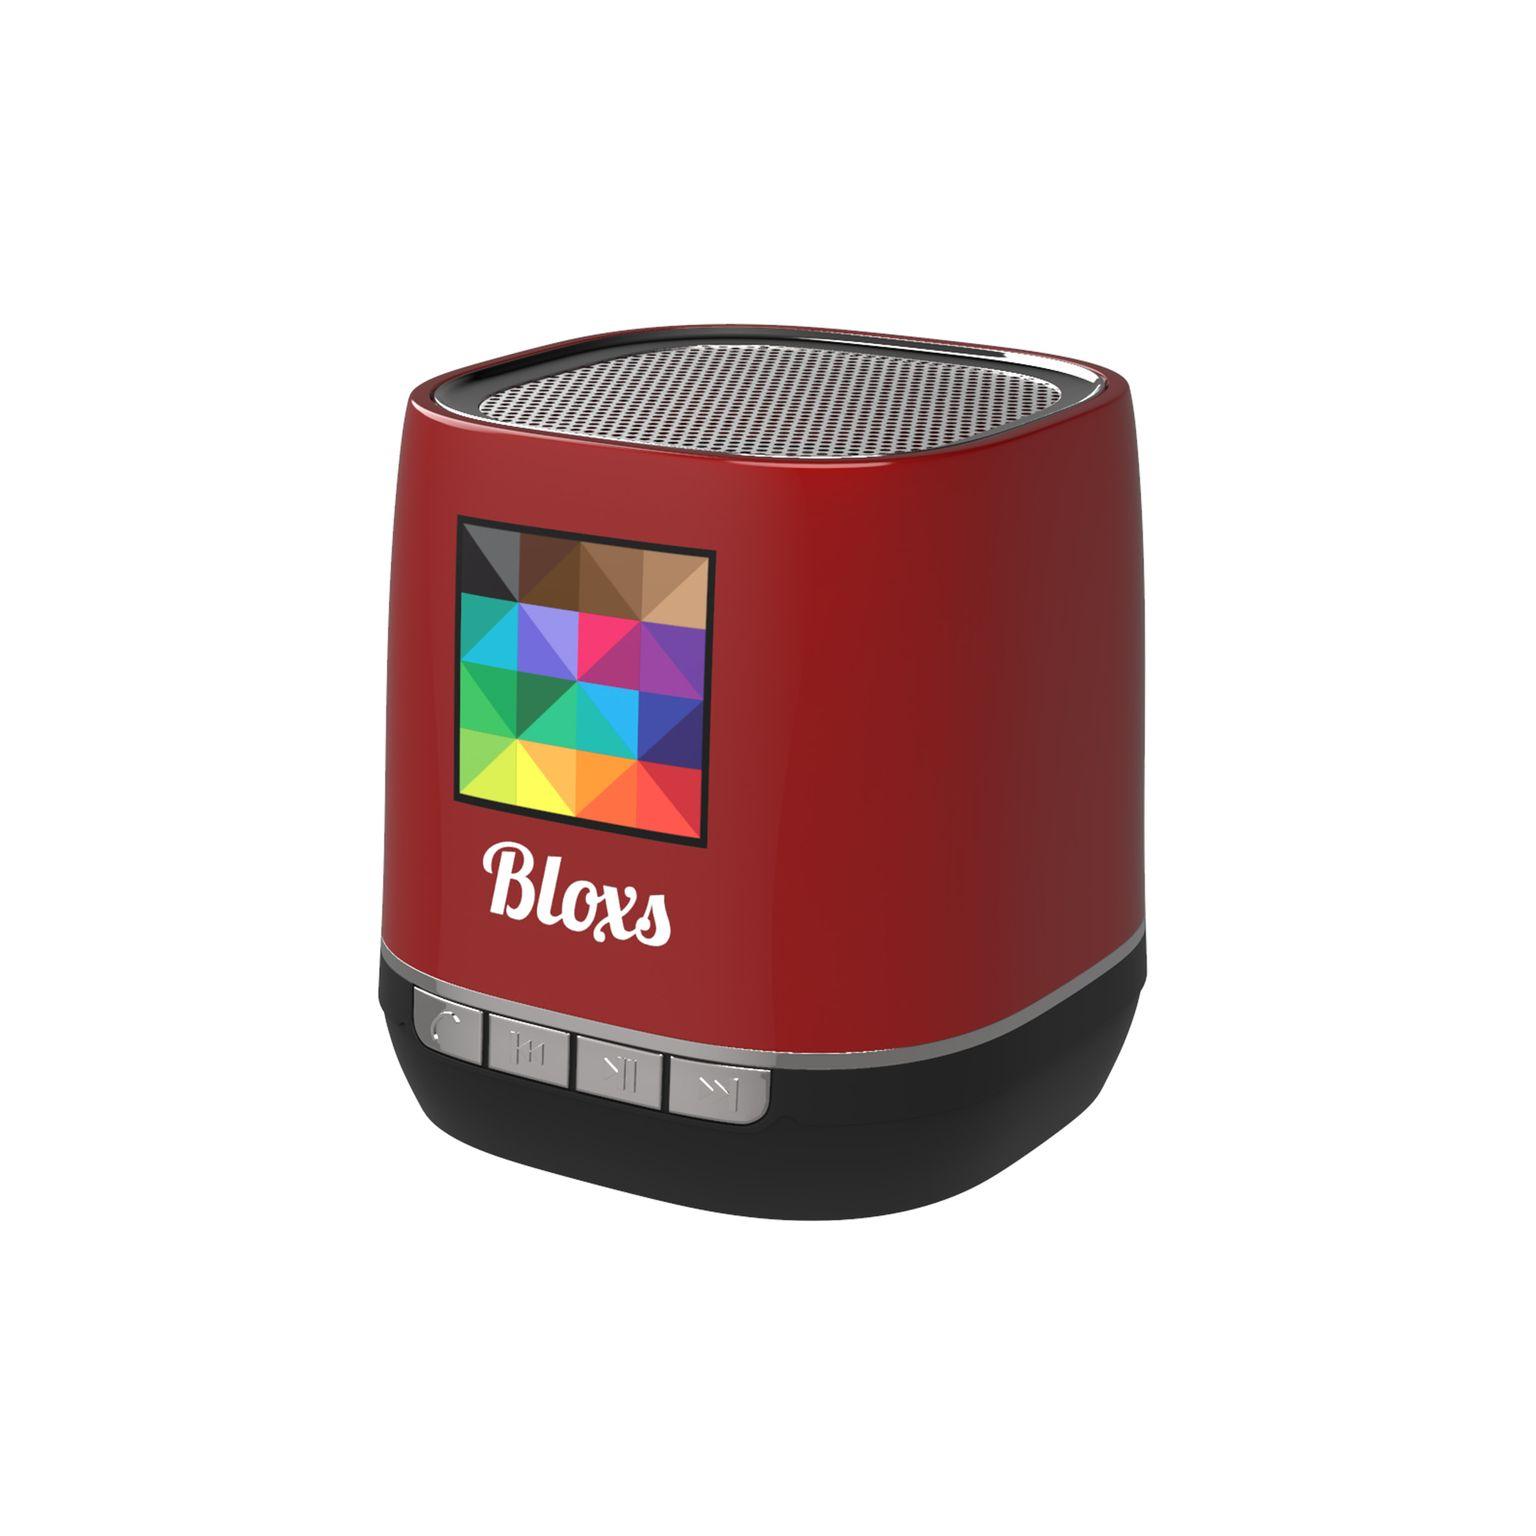 Retro Speaker Print in full color Rouge avec impression quadri